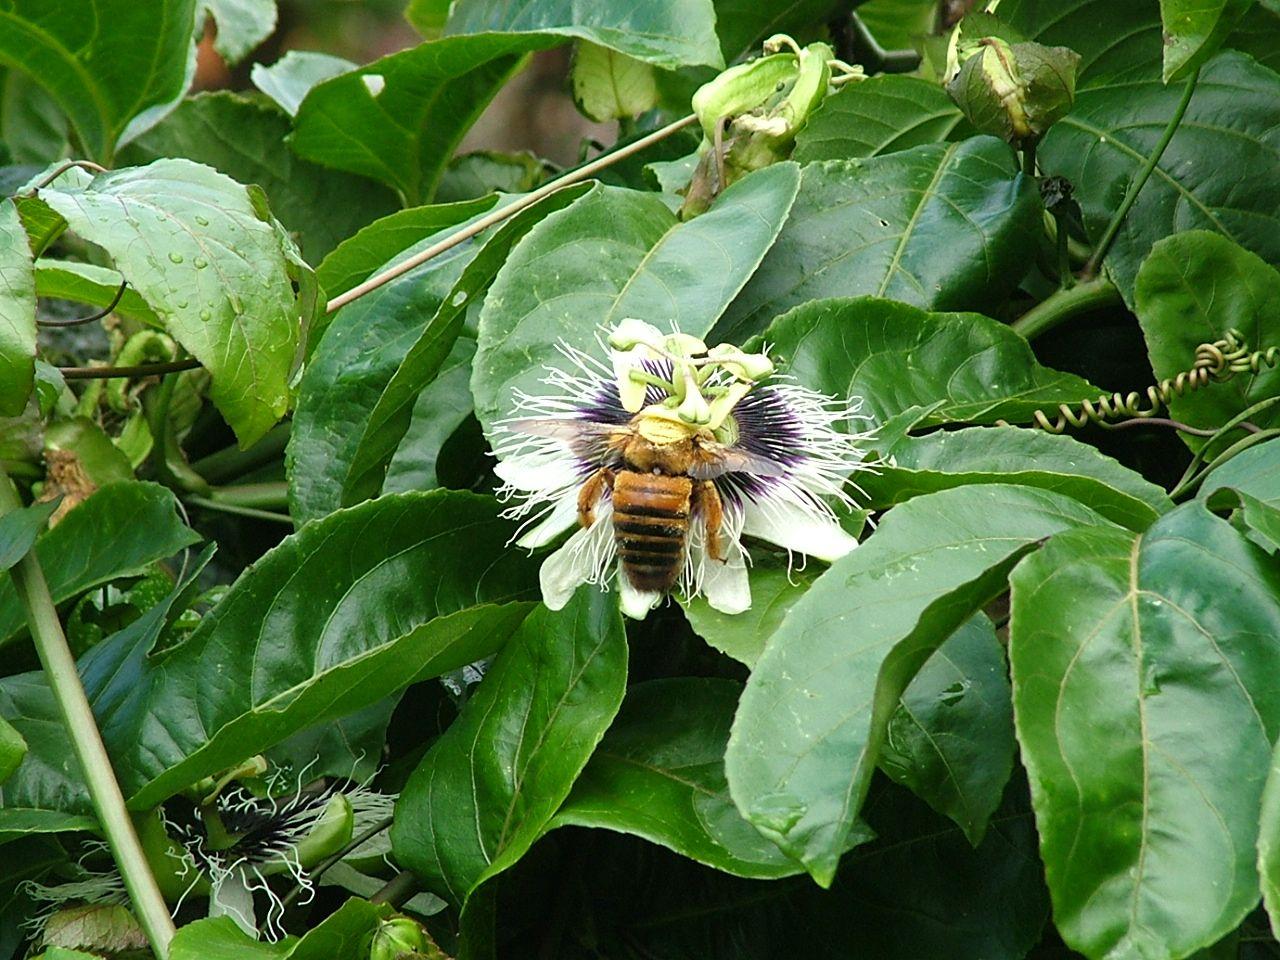 flor de maracujá, no quintal de casa